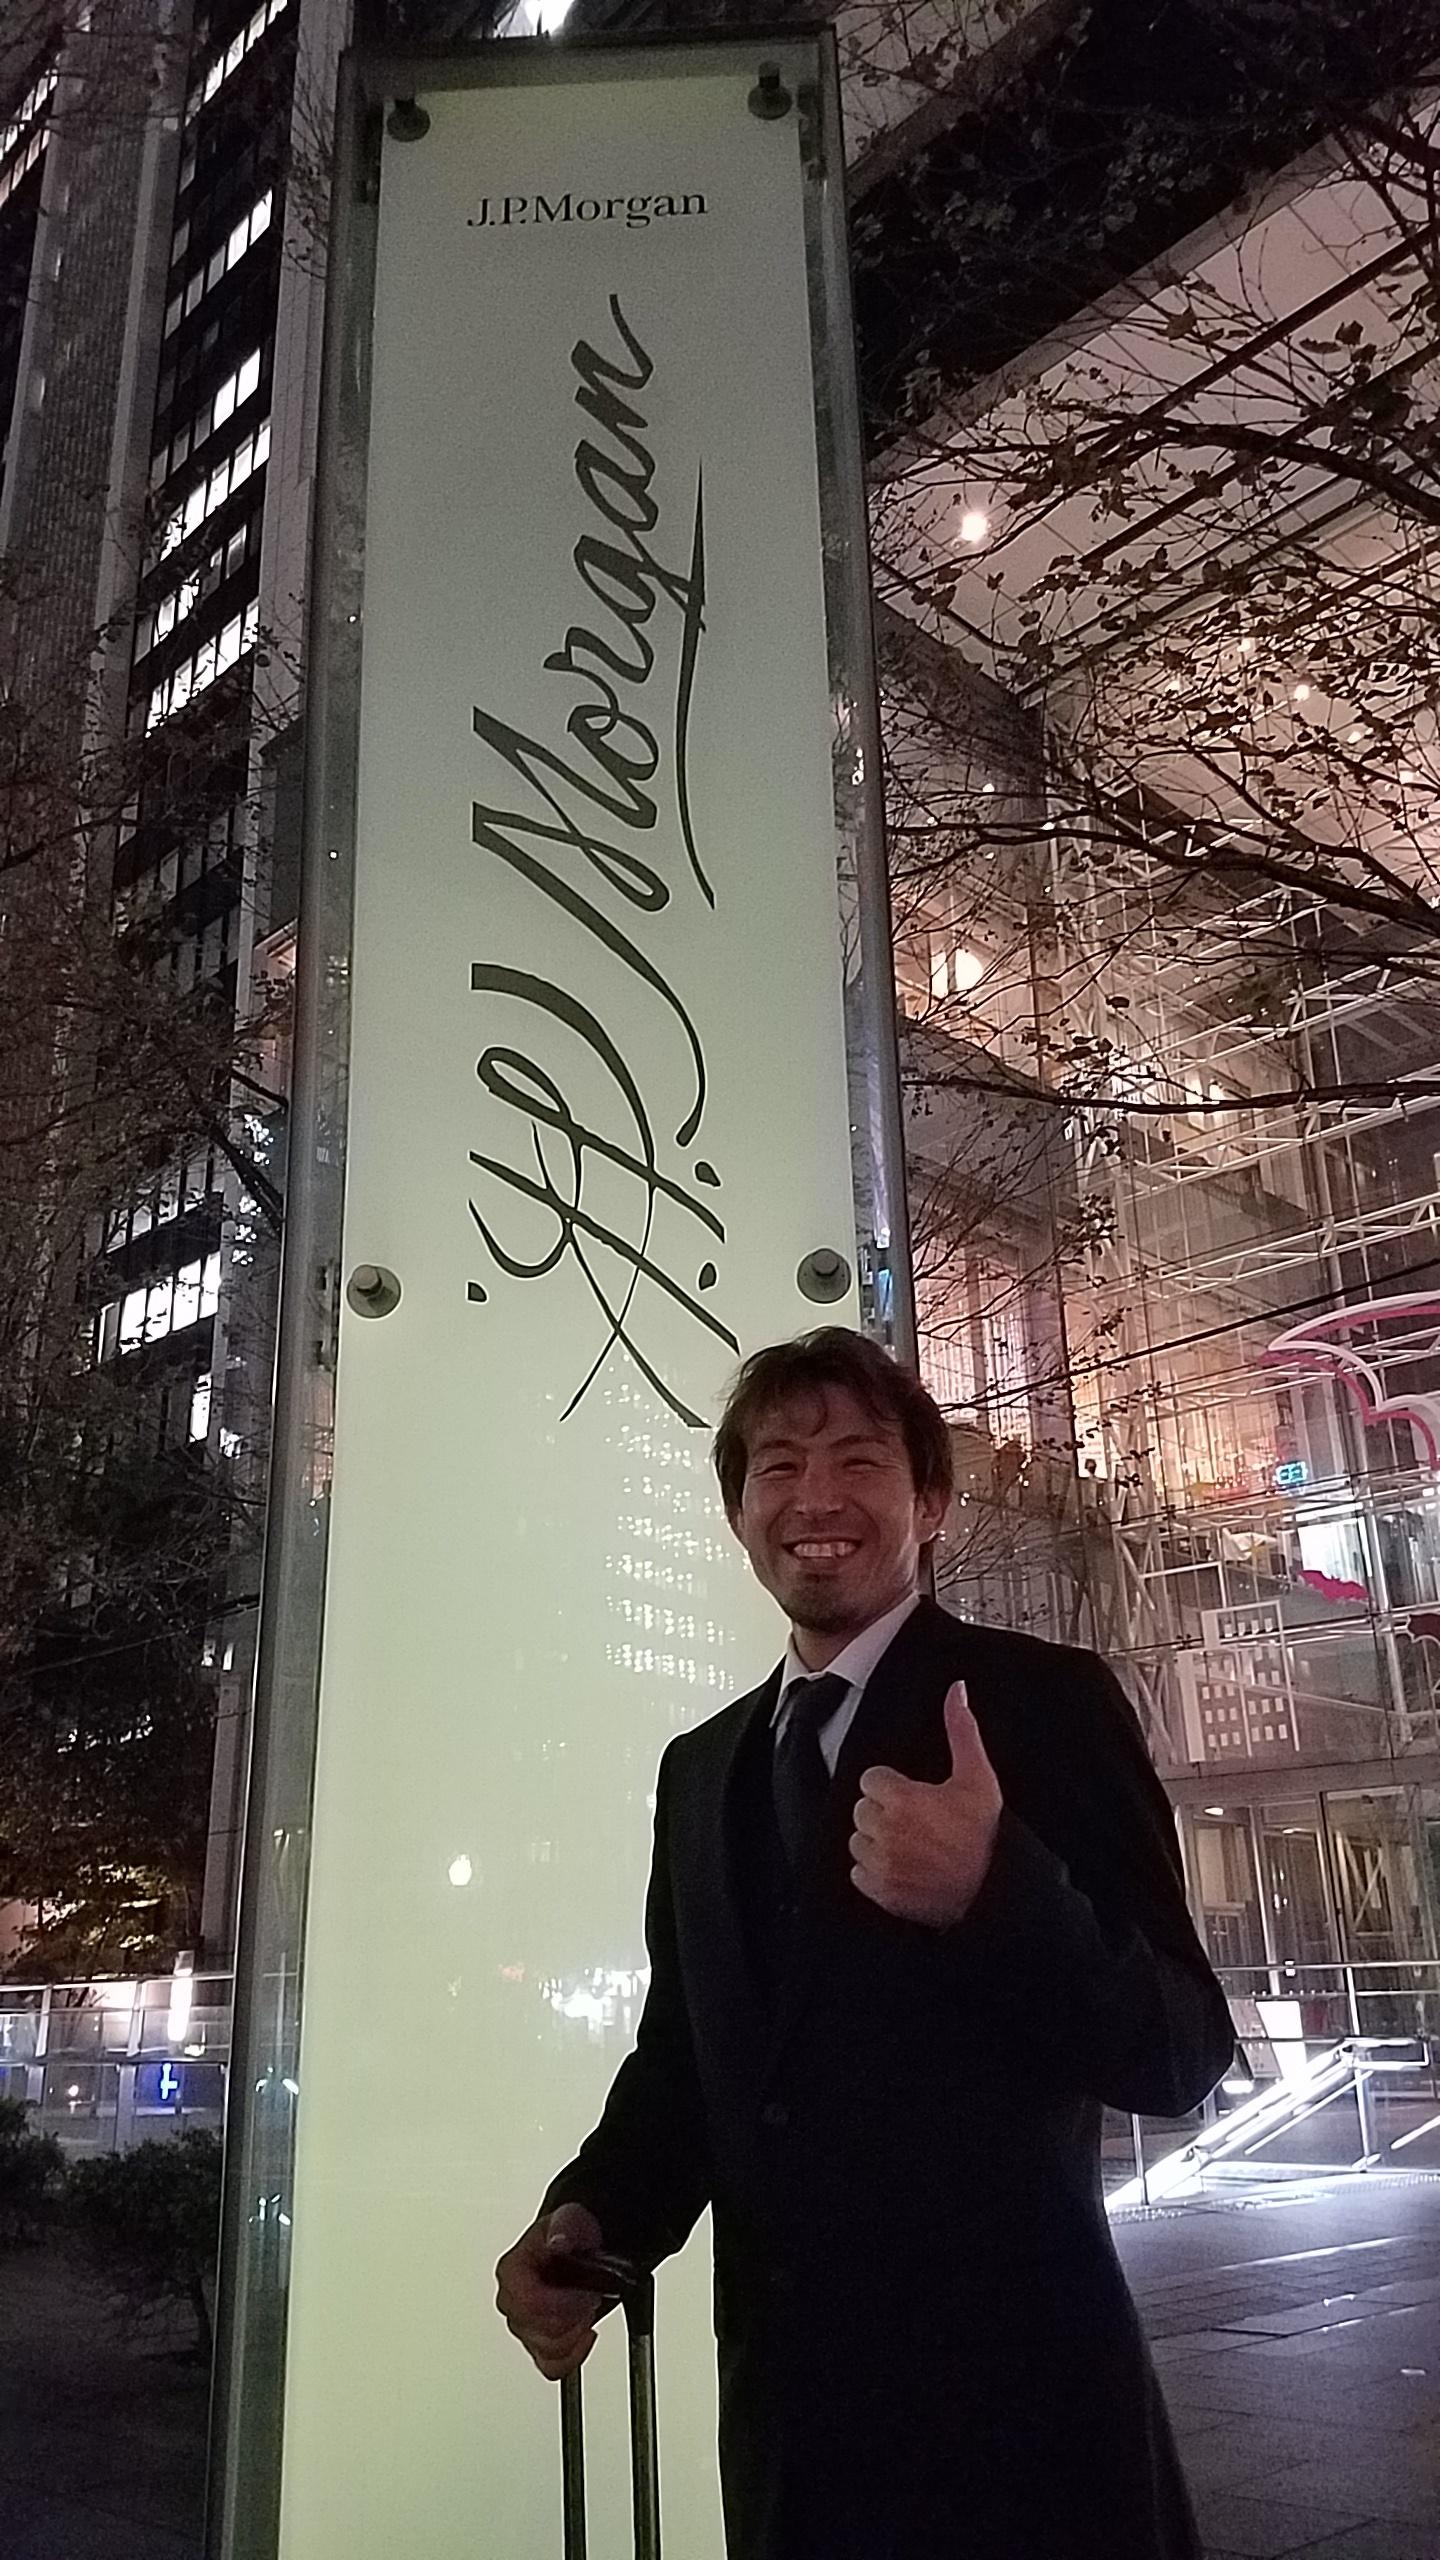 大手外資系企業でのJ.Pモルガン【企業バーチャルボクシング®60】